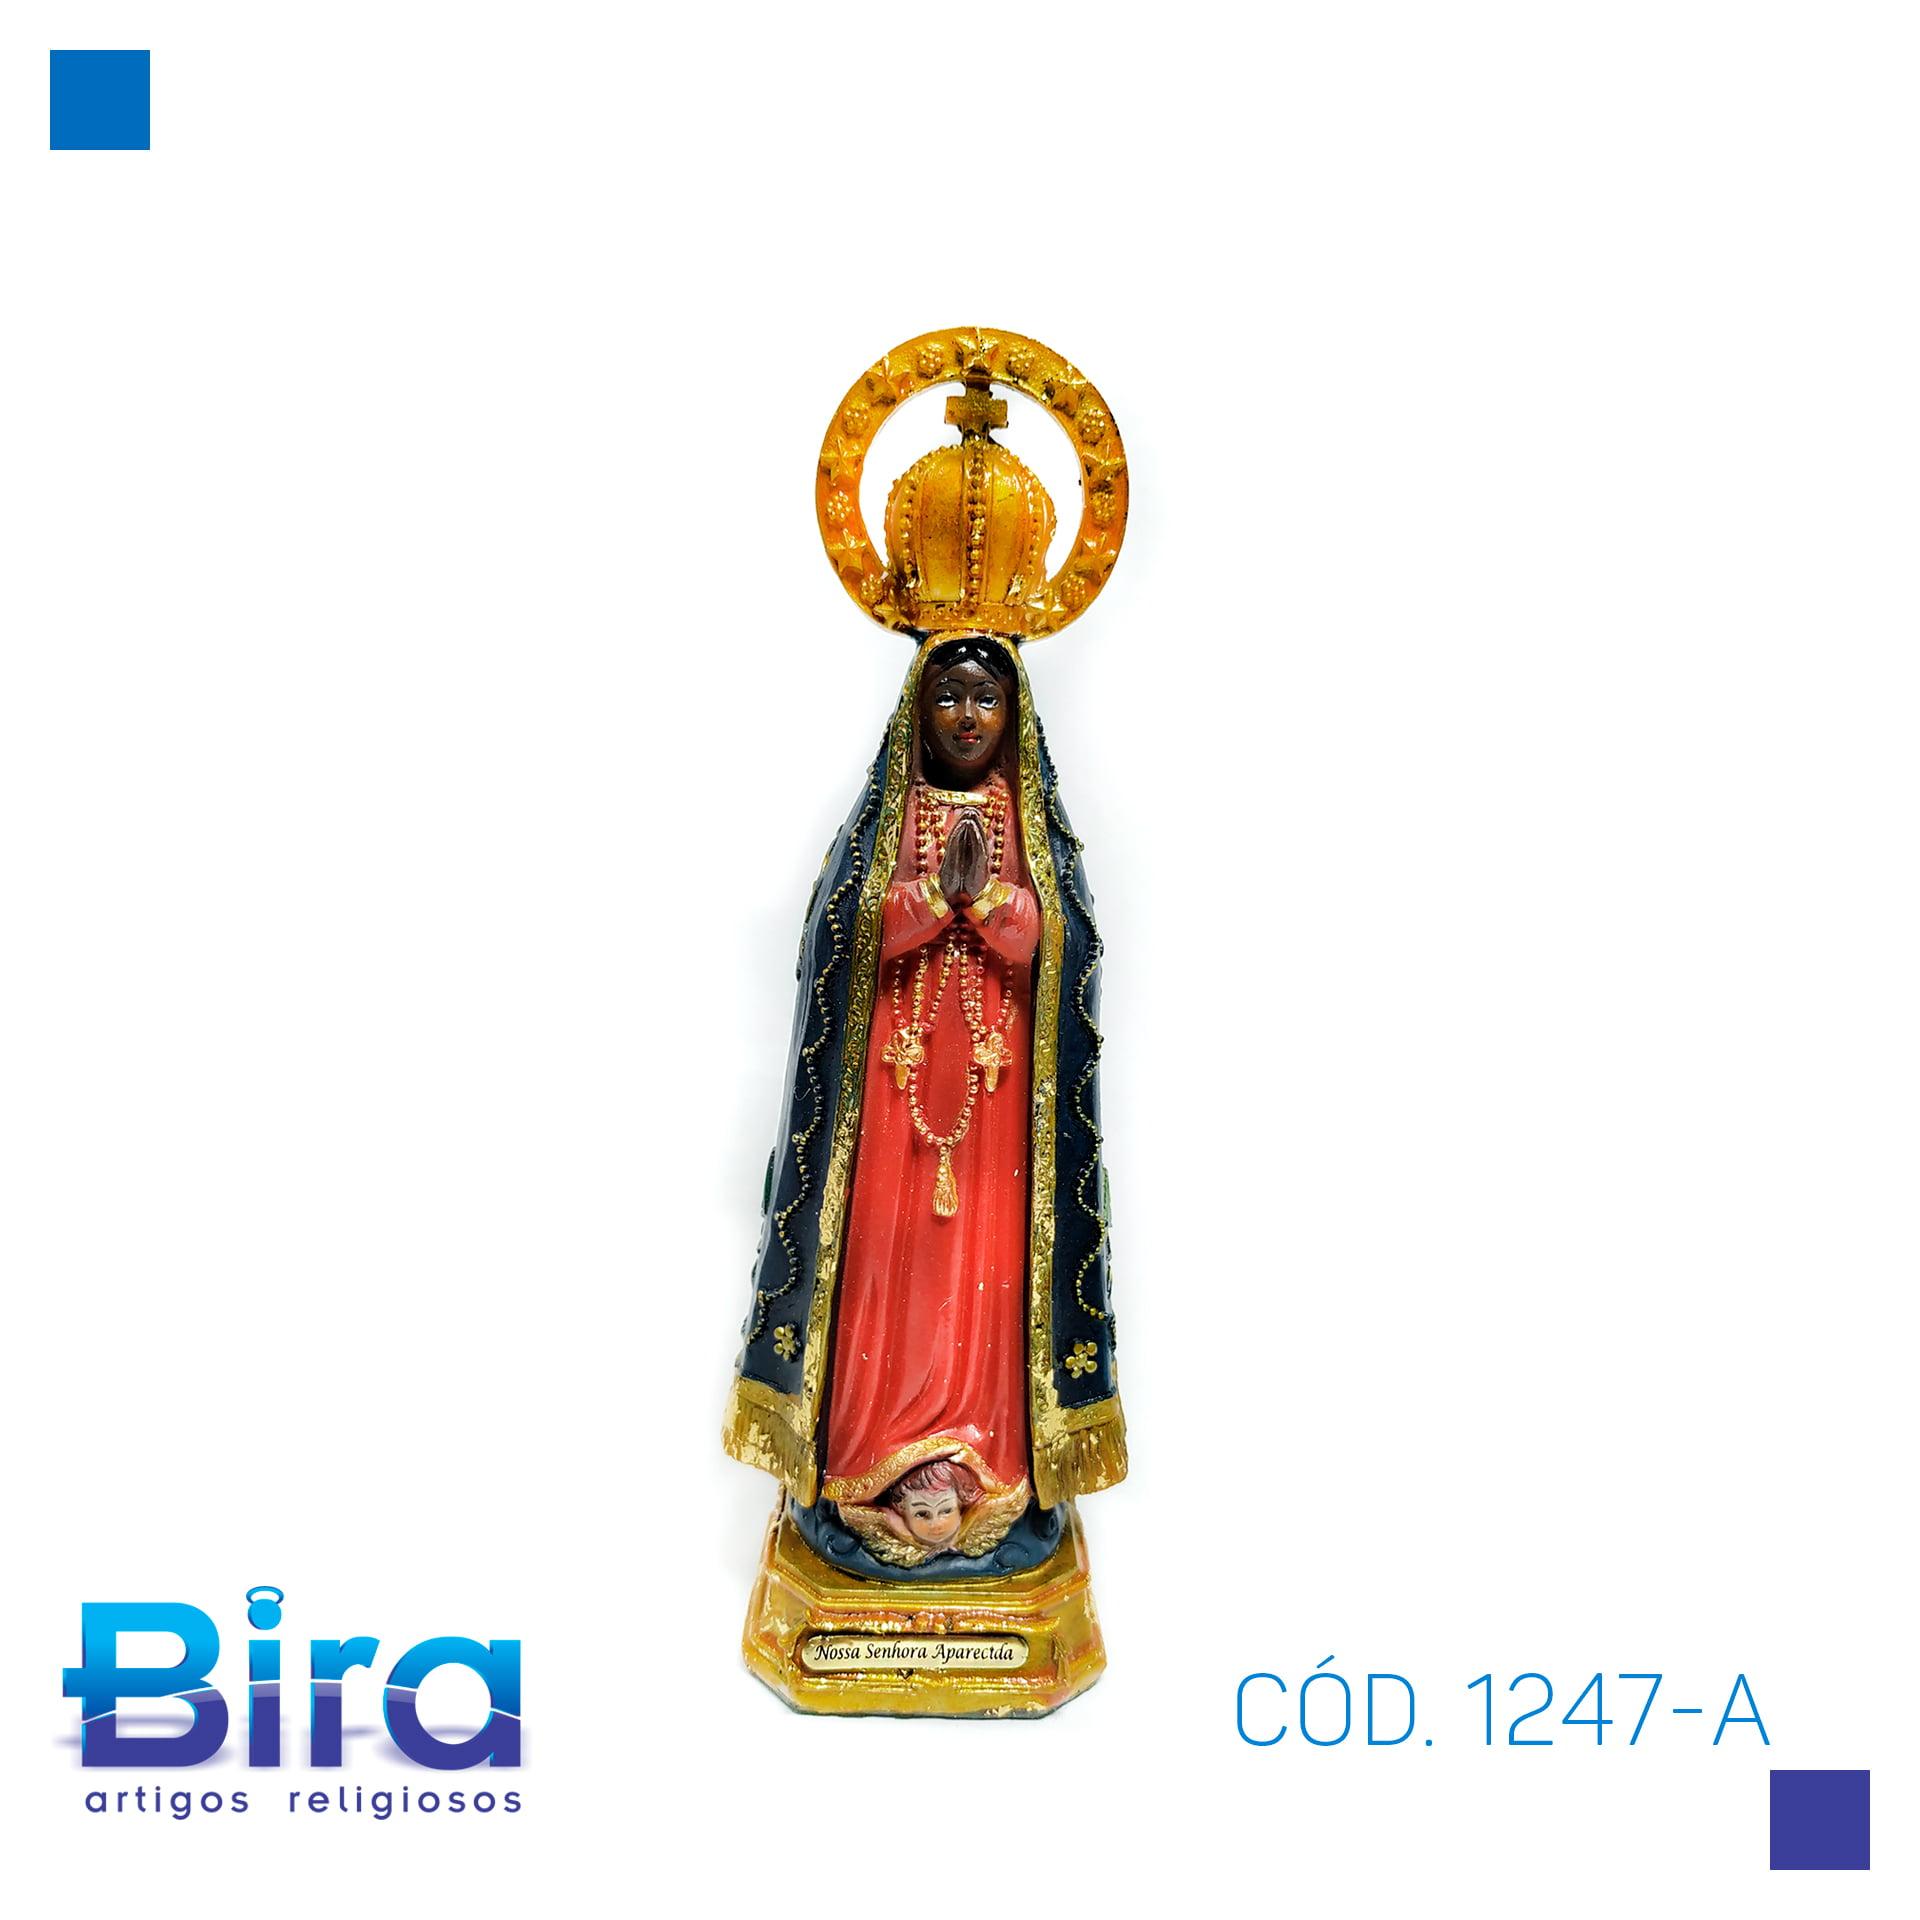 Bira Artigos Religiosos - NOSSA SENHORA AP 20 CM - CÓD. 1247-A